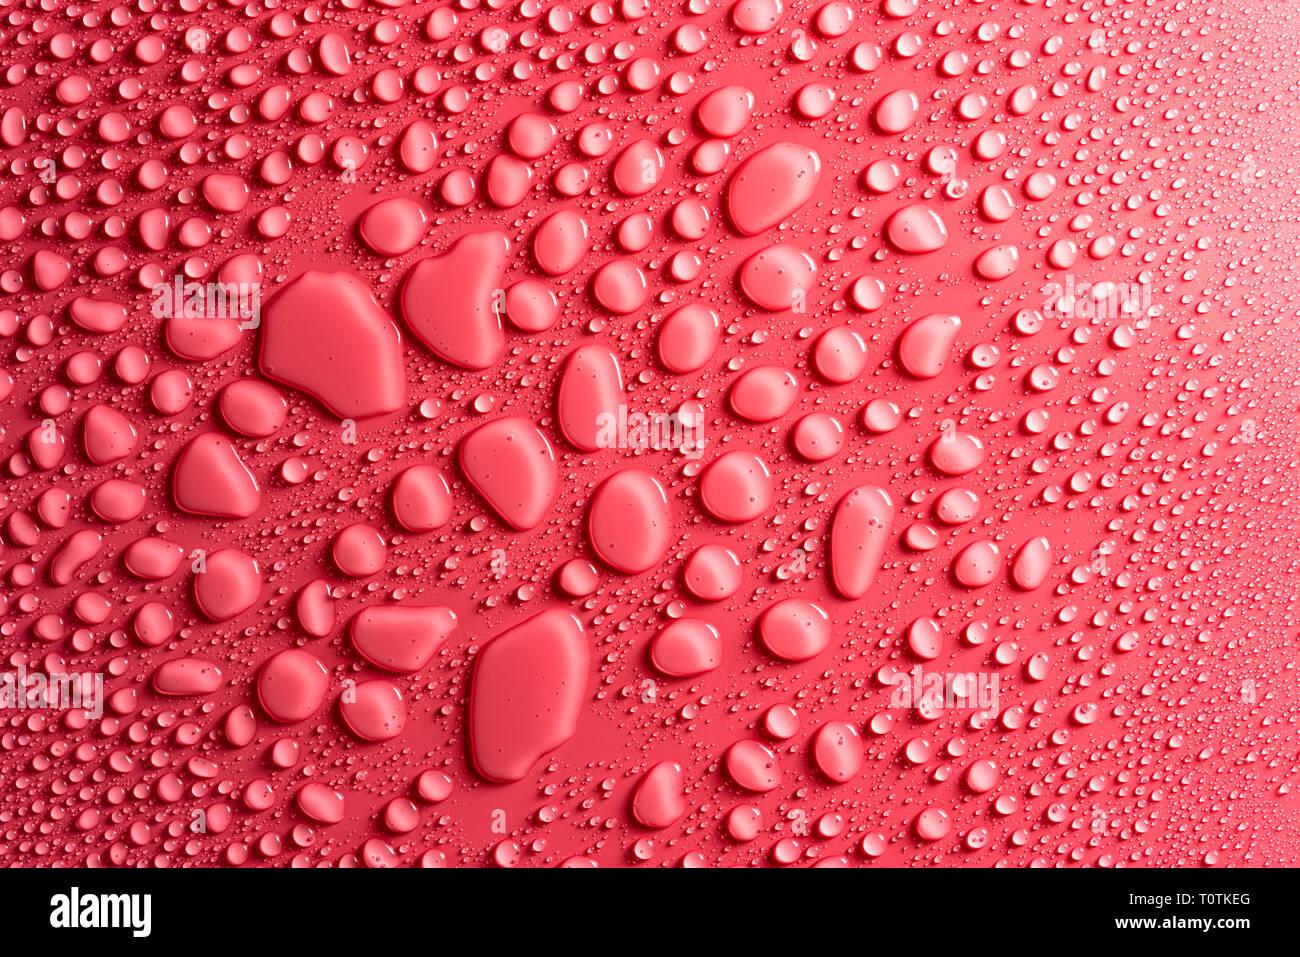 Gocce Di Acqua Su Una Rosa Sfondo Opaco Illuminato Con Una Luce